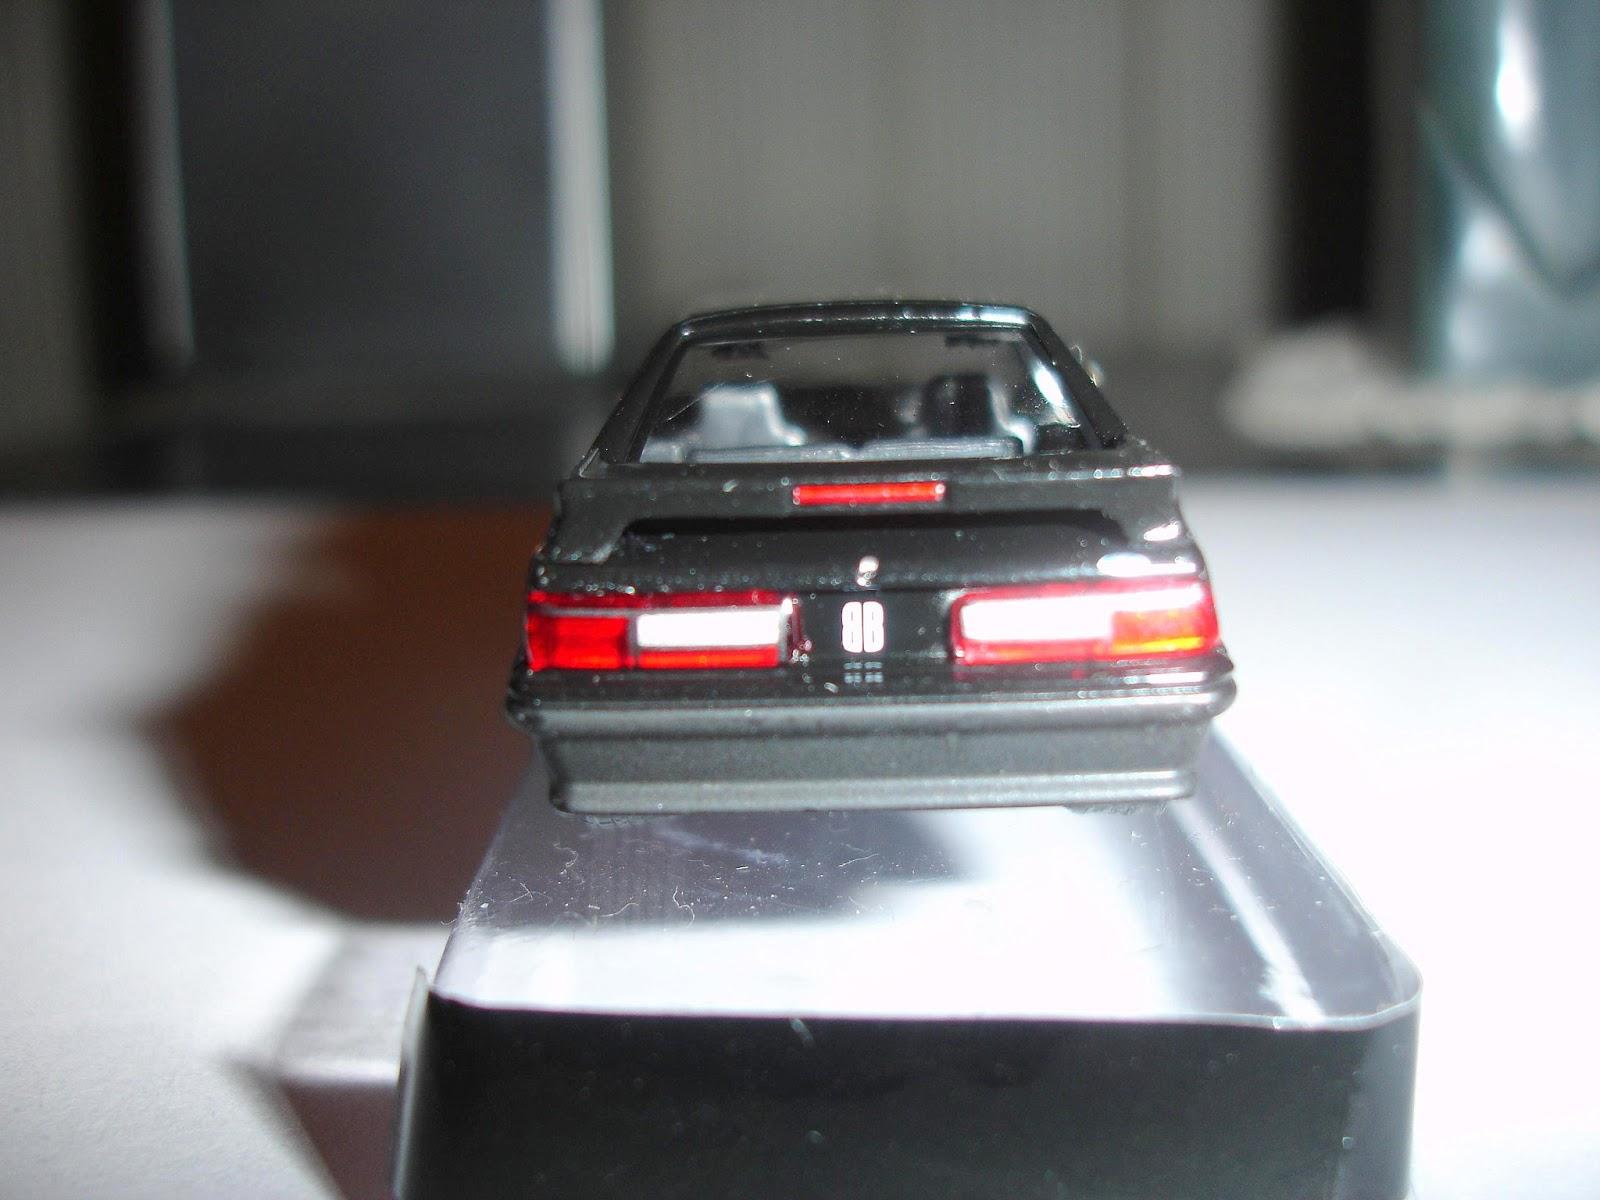 1989 Mustang 5.0 Oil Capacity